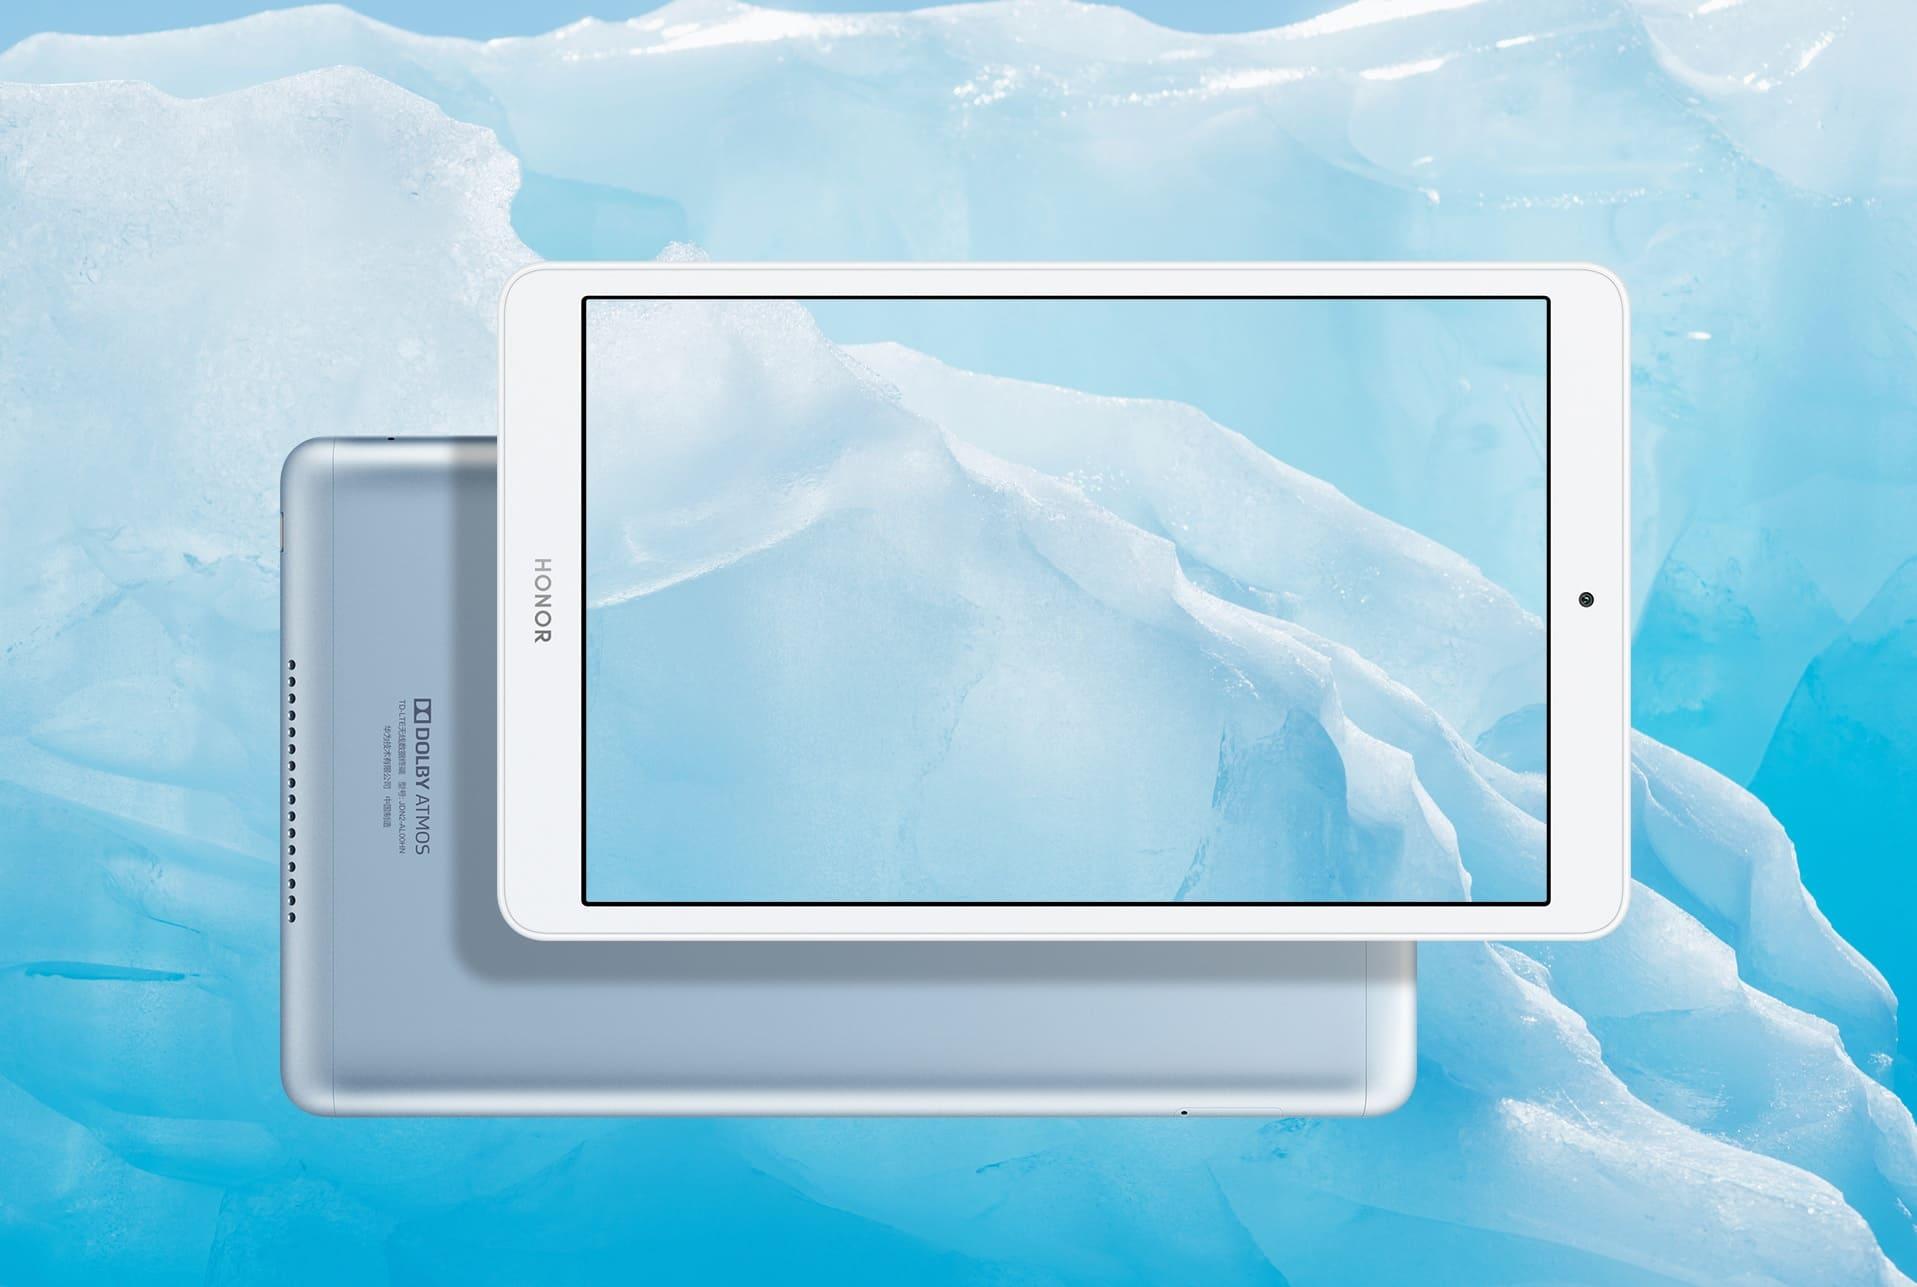 Вышел Honor Tab 5 – народный планшет с 8-дюймовым экраном